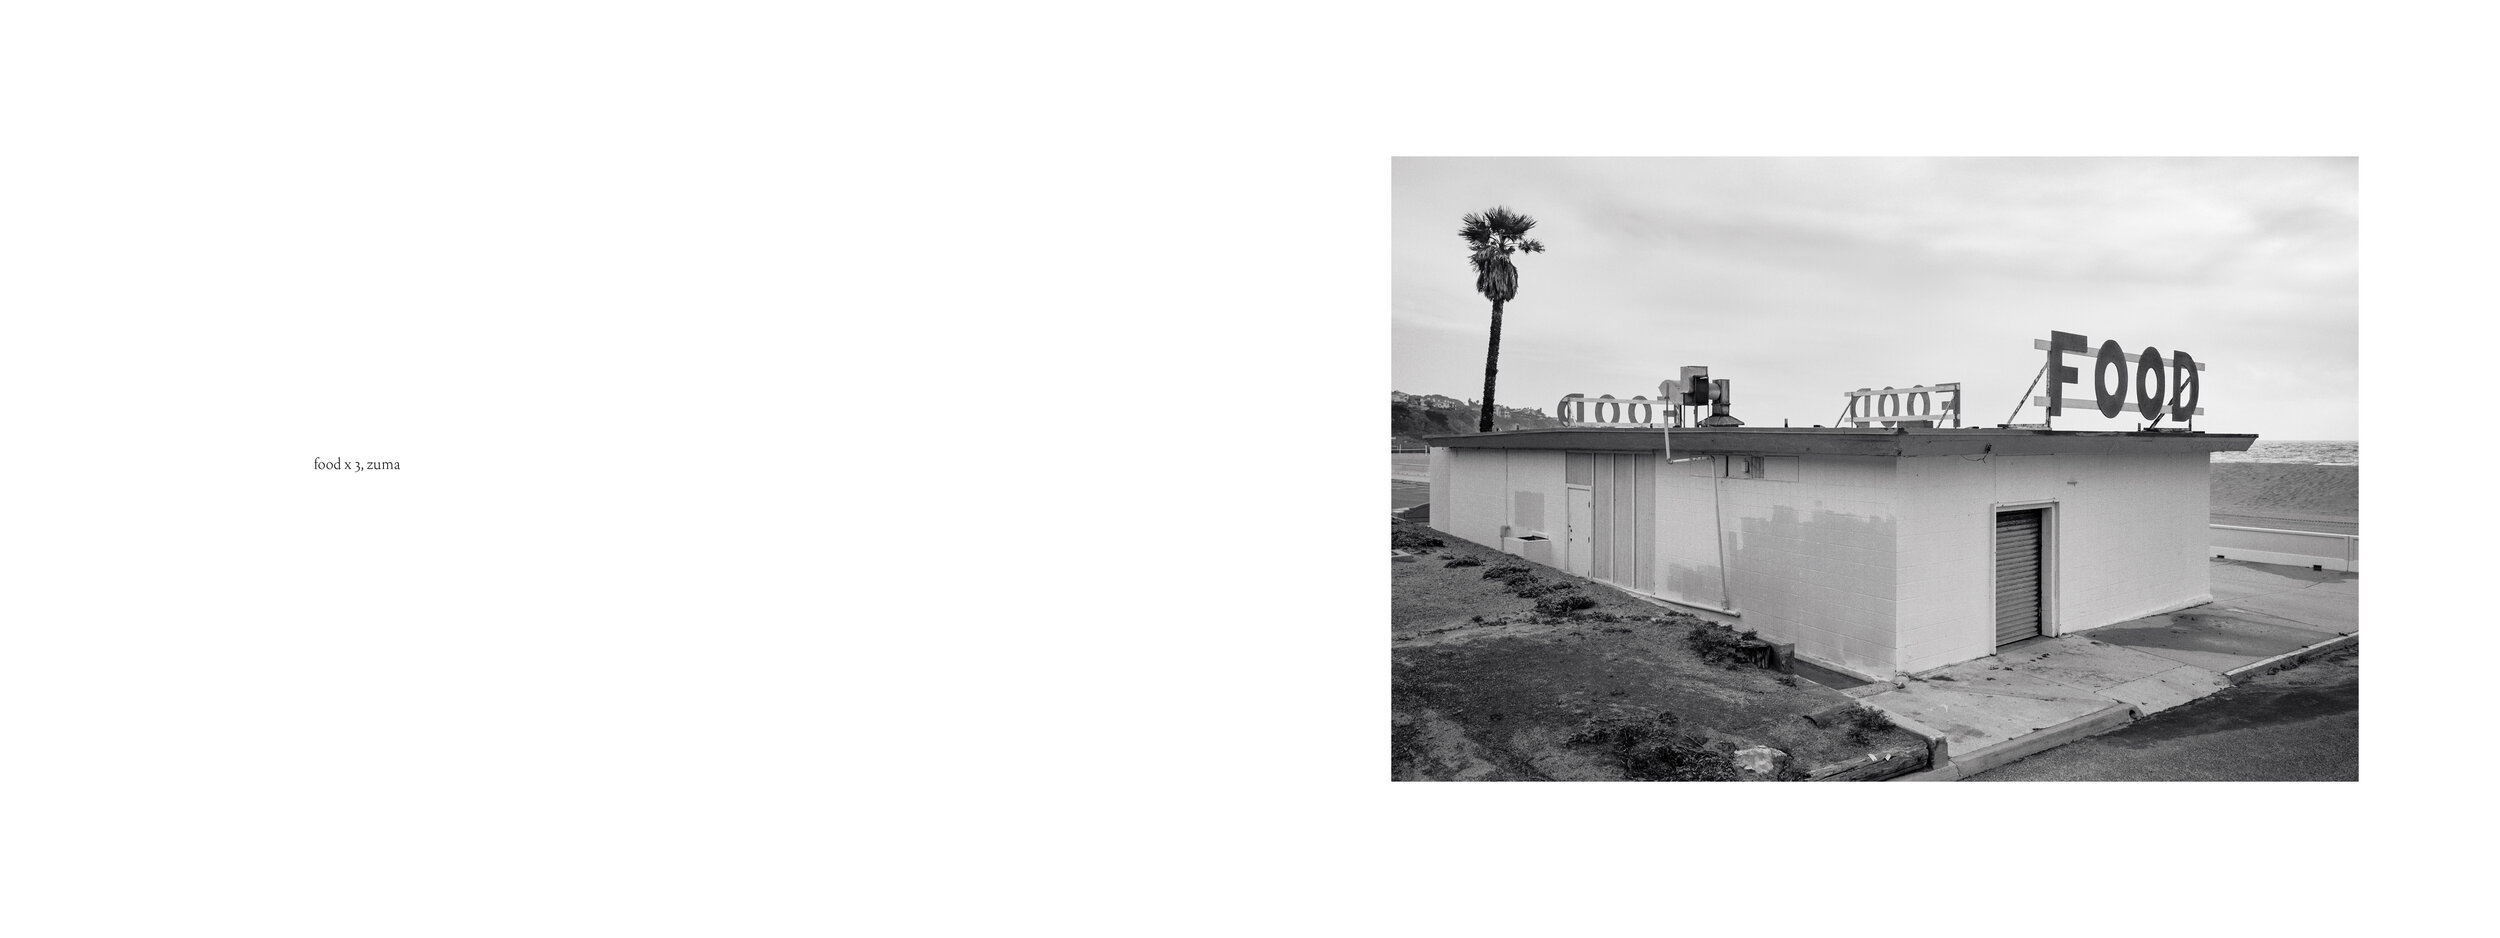 Peterson_Los_Angeles_9.jpg